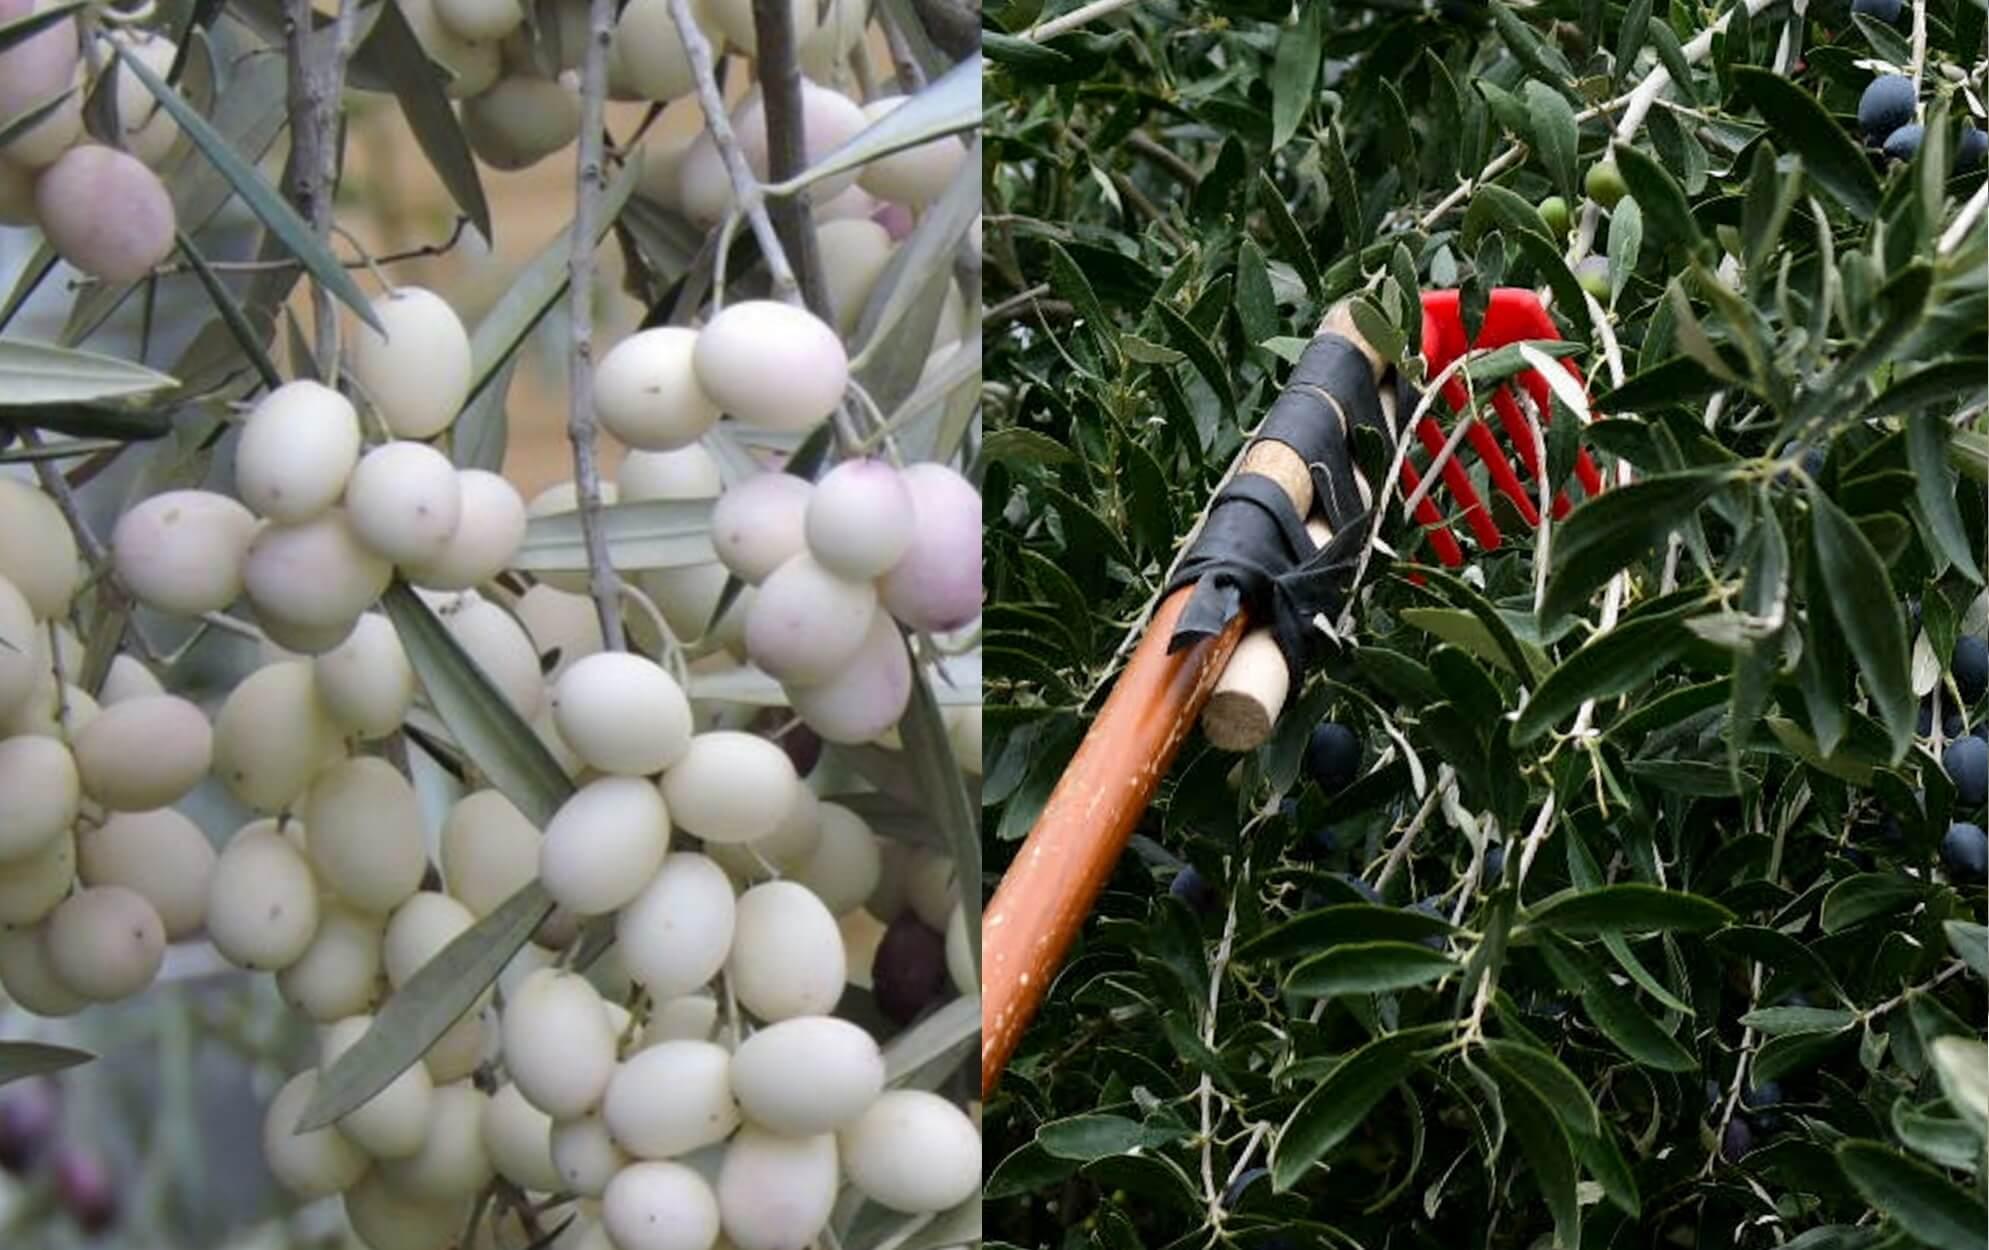 Λευκές ελιές, η σπάνια ποικιλία με καταγωγή από τα αρχαία χρόνια